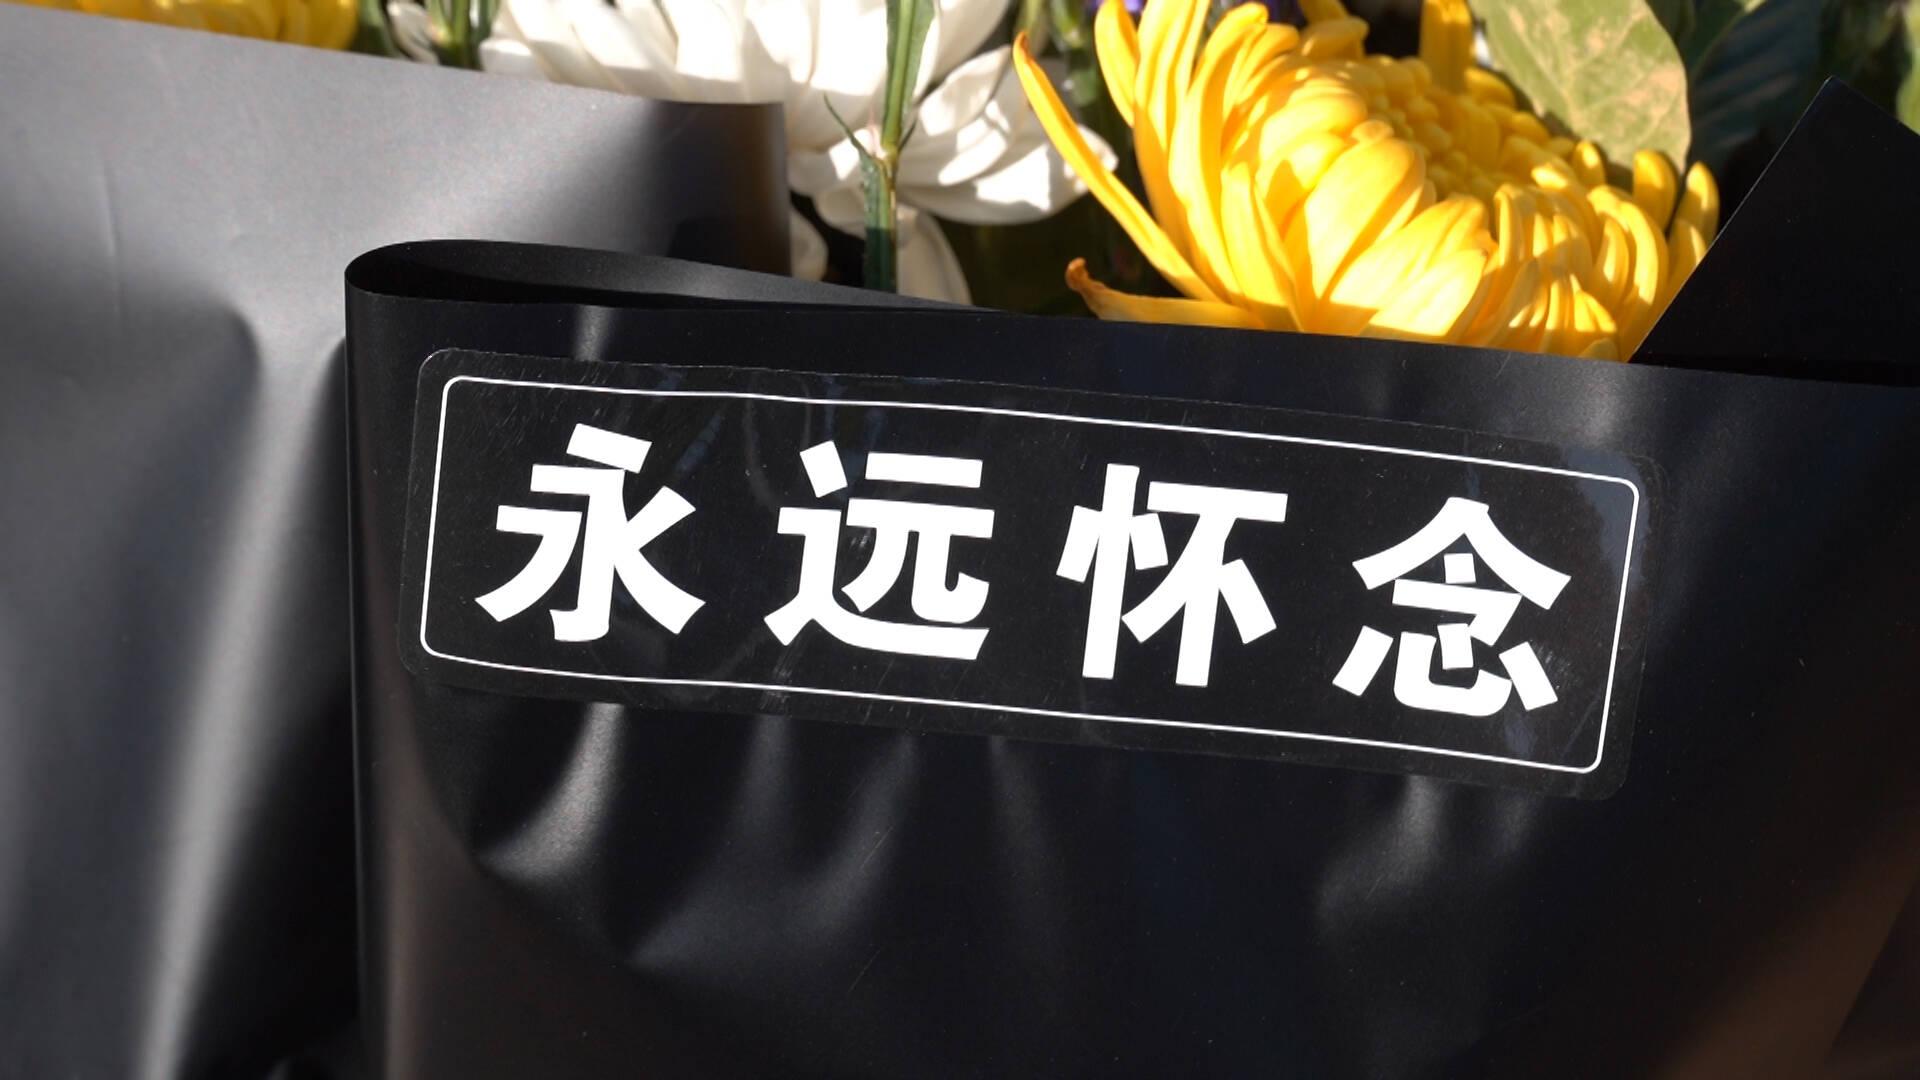 【清明特别策划·献上一束白菊花】别立福烈士之女:我会踏着父亲的足迹勇敢前行